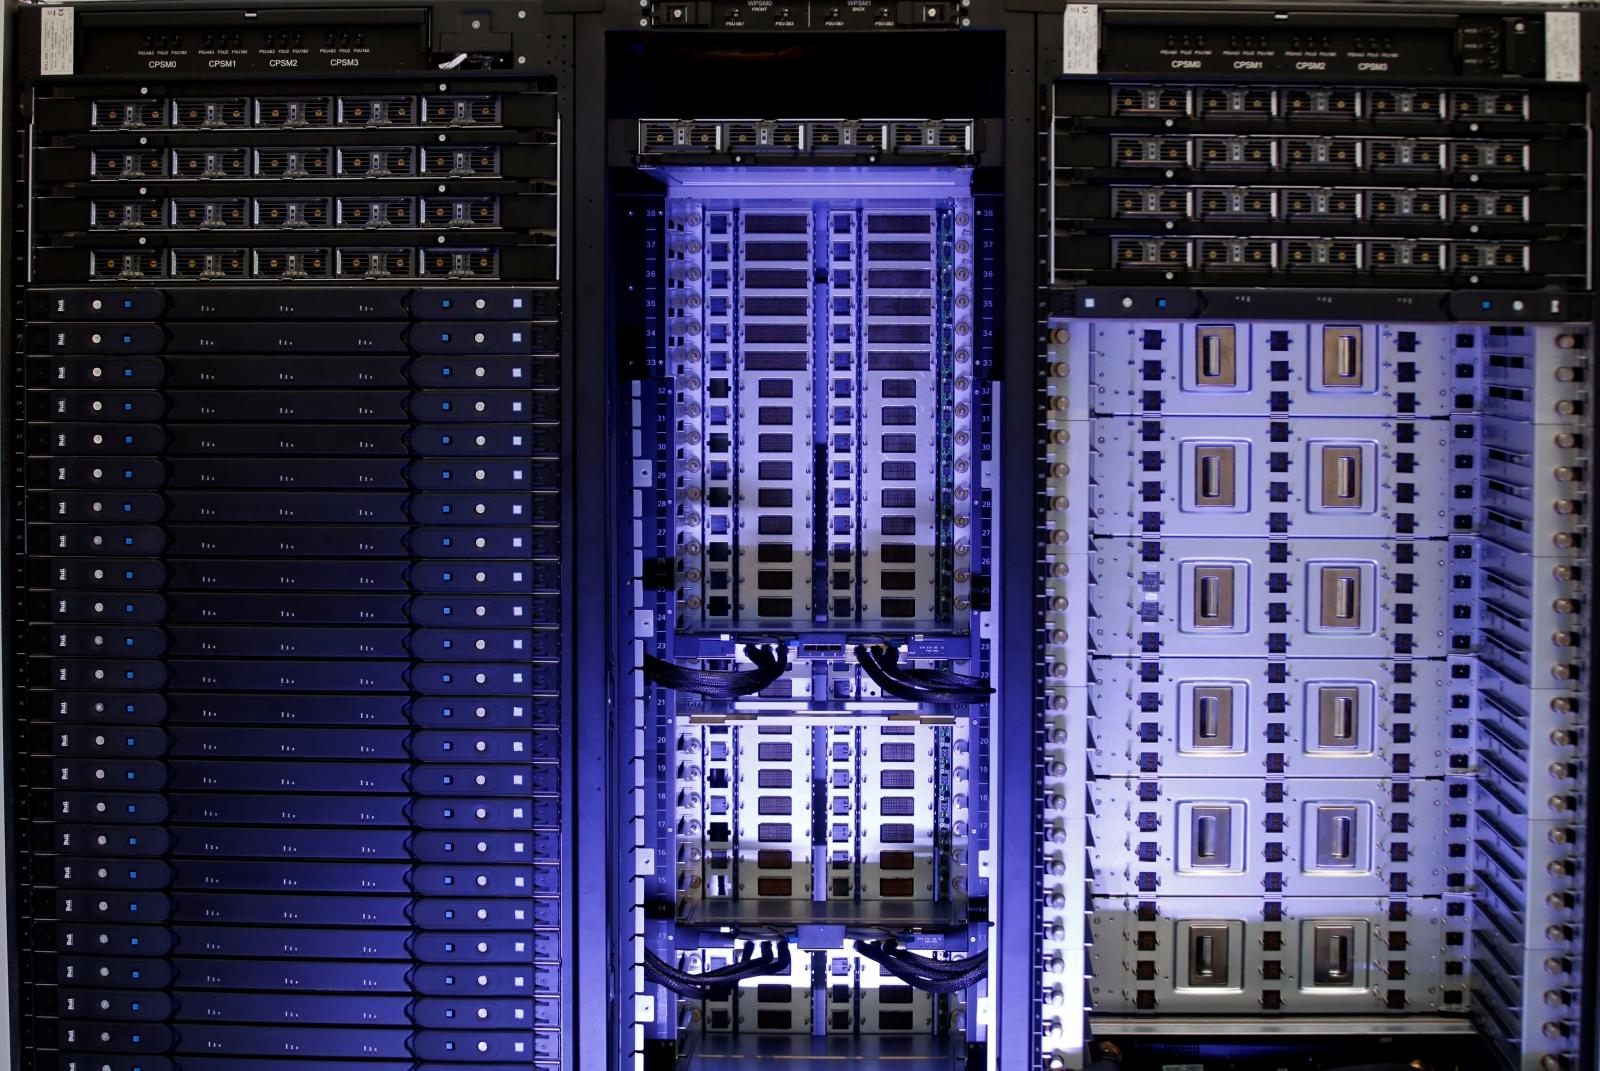 China's new supercomputer Tianhe-3